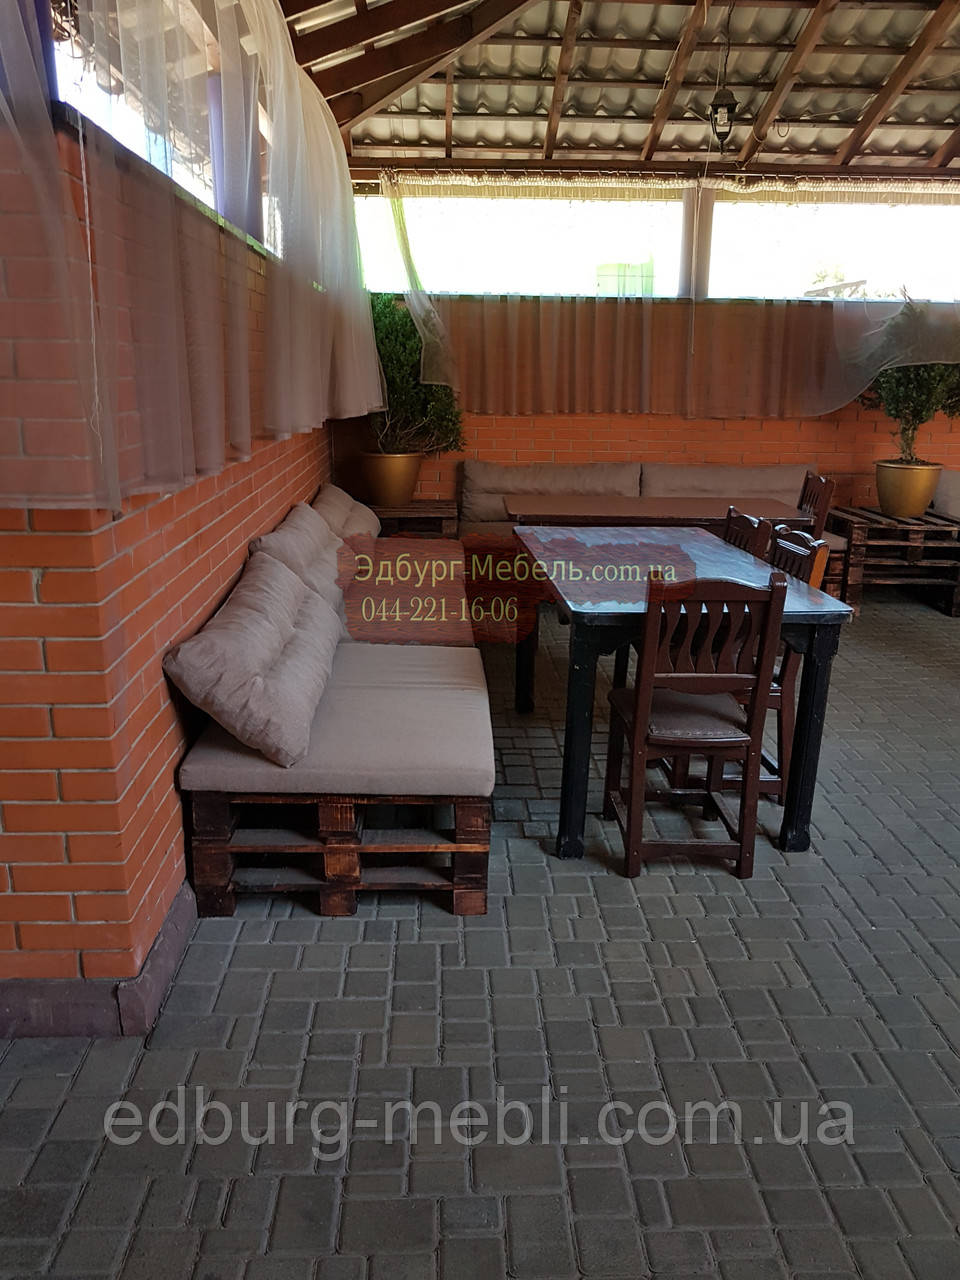 Подушки для мебели из паллет, поддонов - фото 5